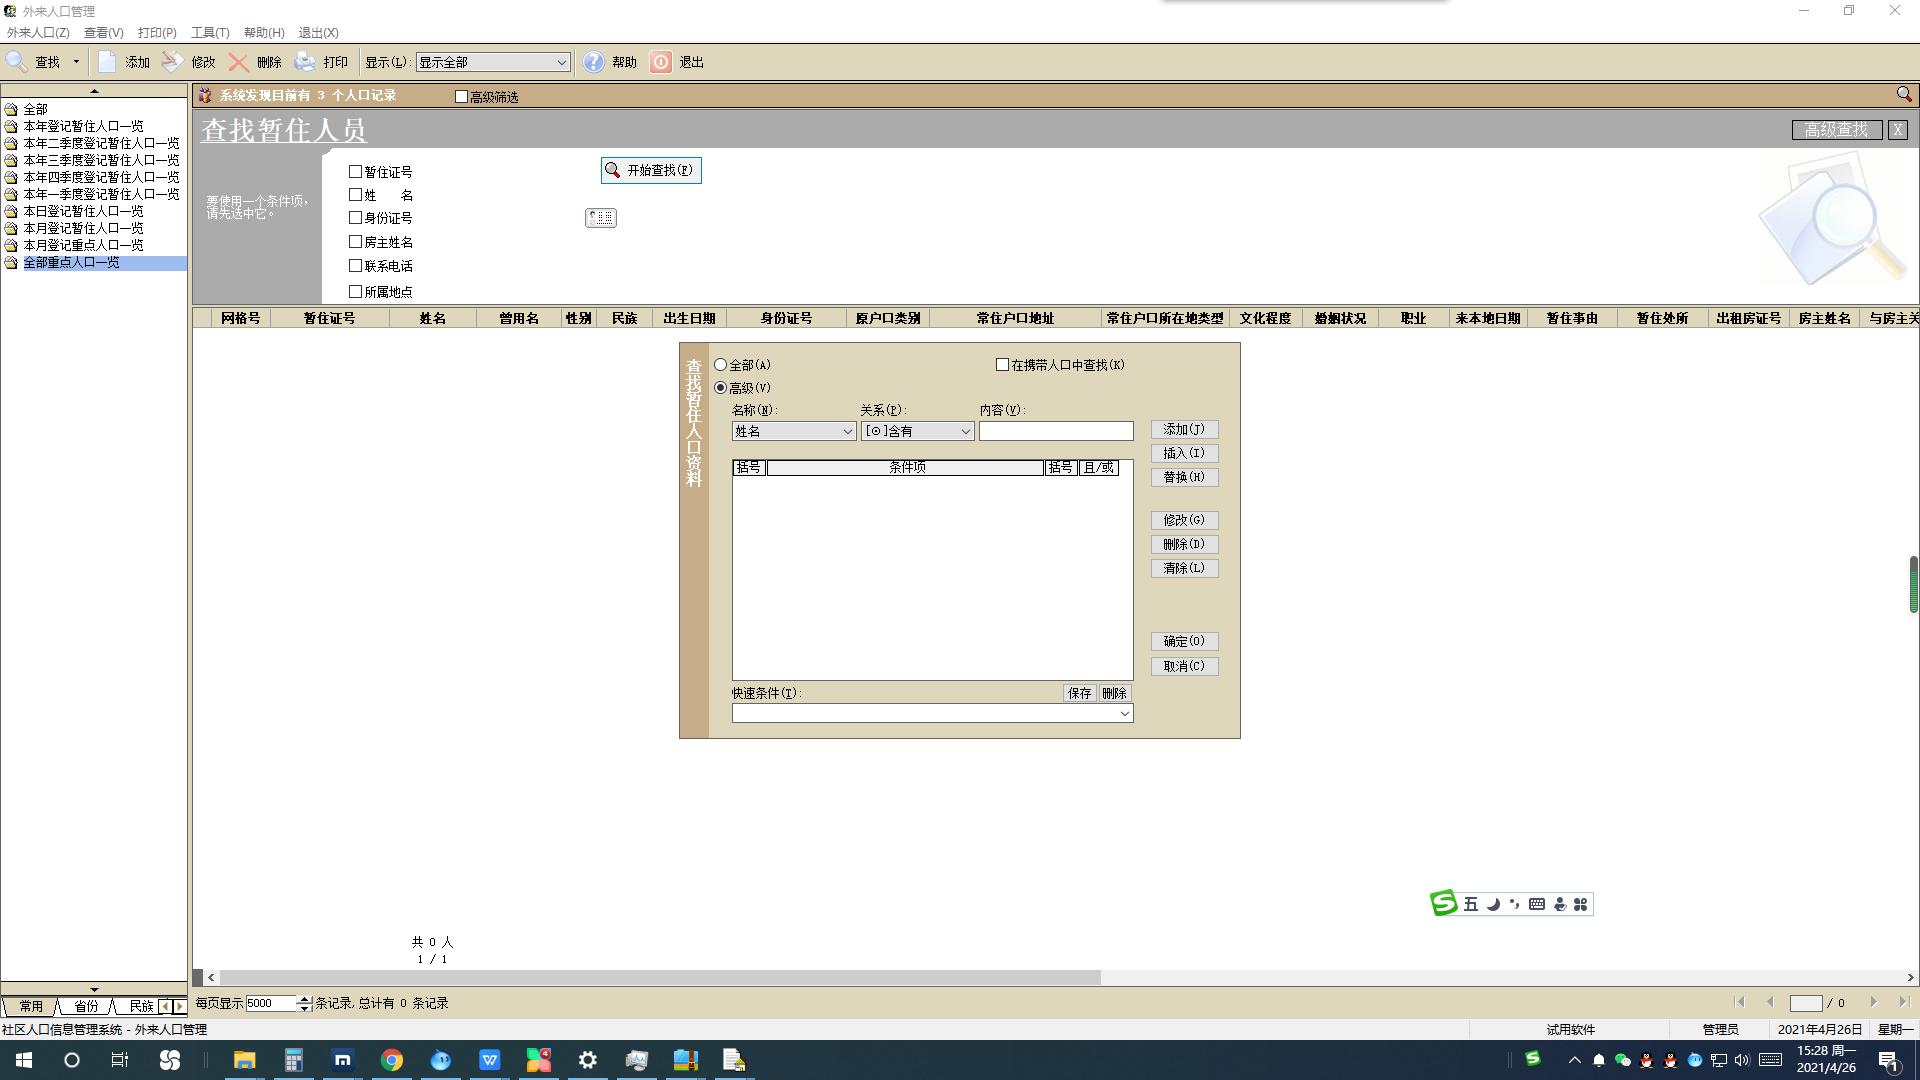 文达社区信息化管理系统云服务版截图4